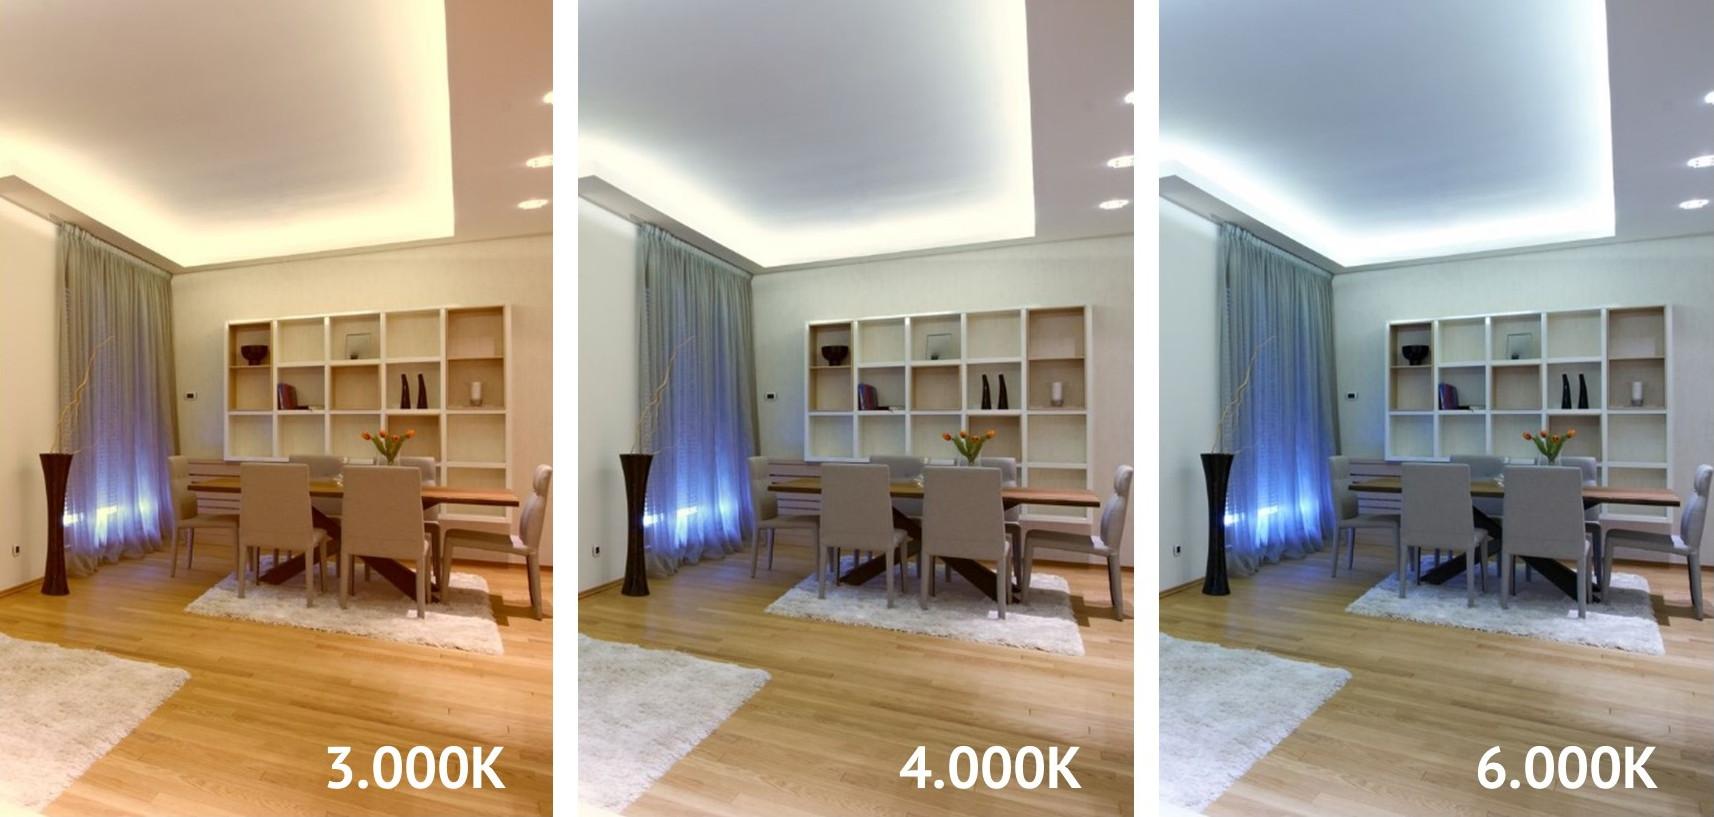 Beispiele verschiedener Farbtemperaturen bei indirekter Beleuchtung